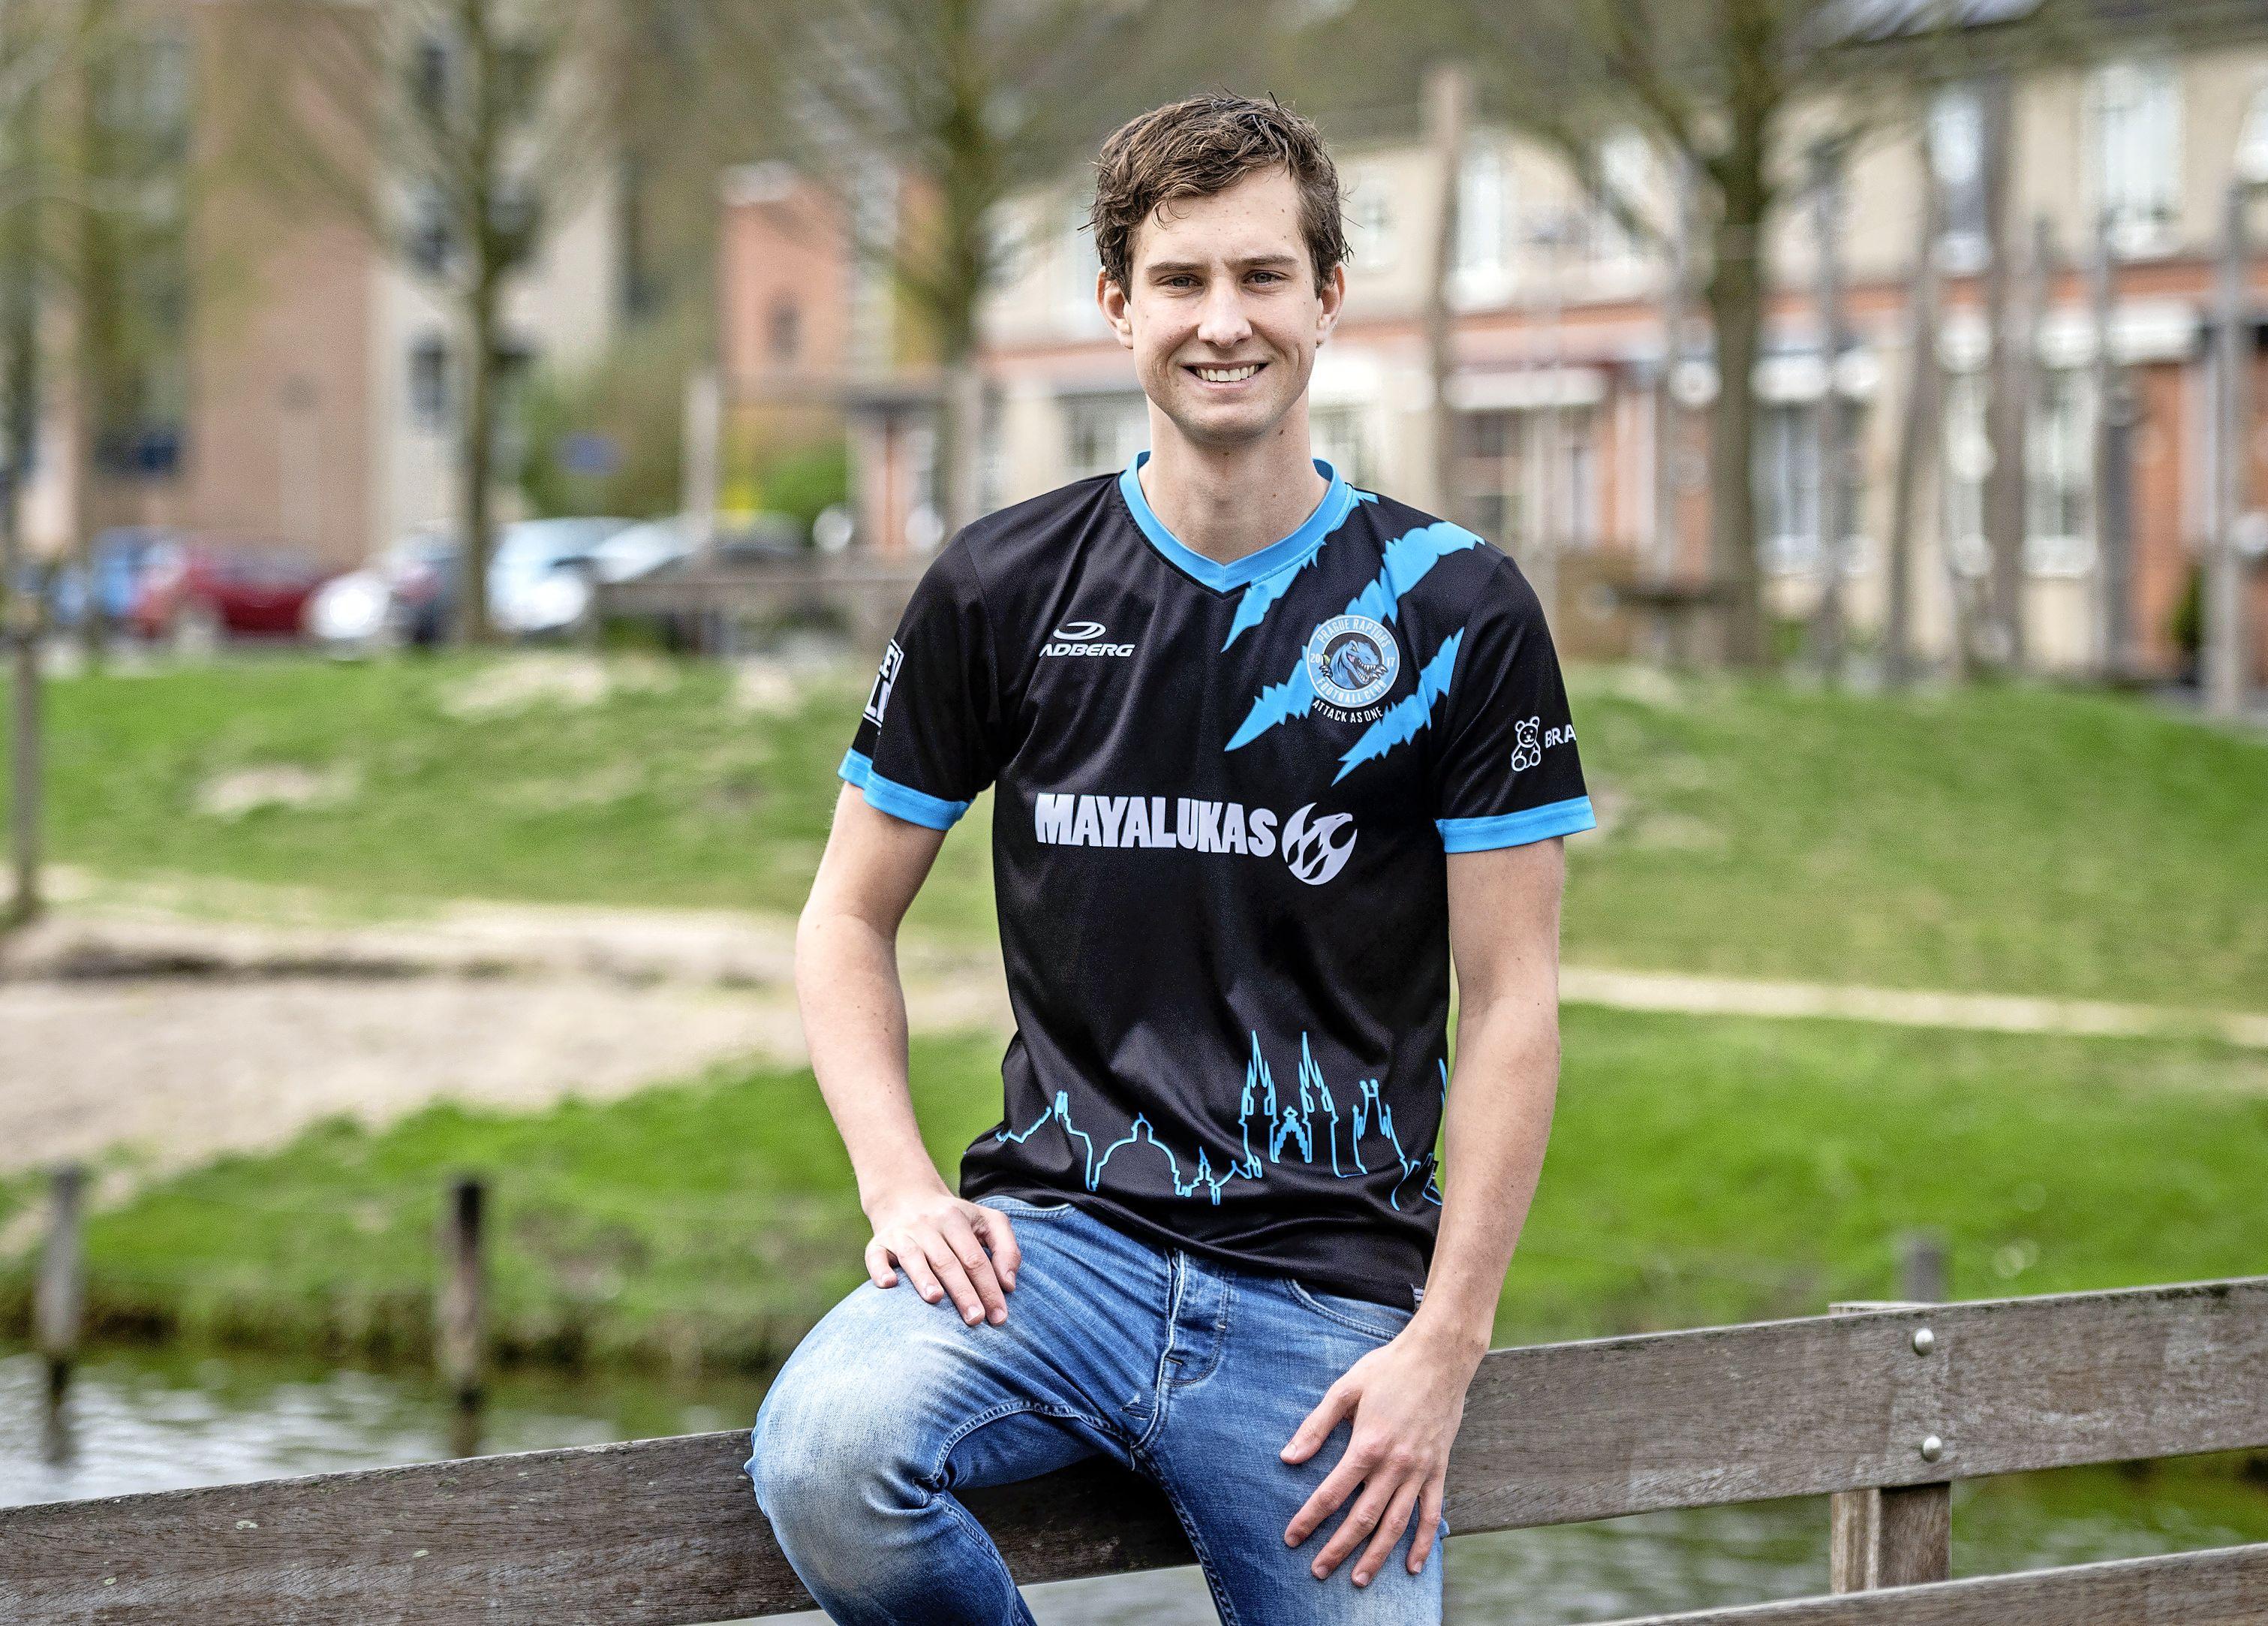 Jelle Damen kwam net tekort voor het eerste van VV Hillegom en is nu met Prague Raptors op weg richting het Tsjechische profvoetbal